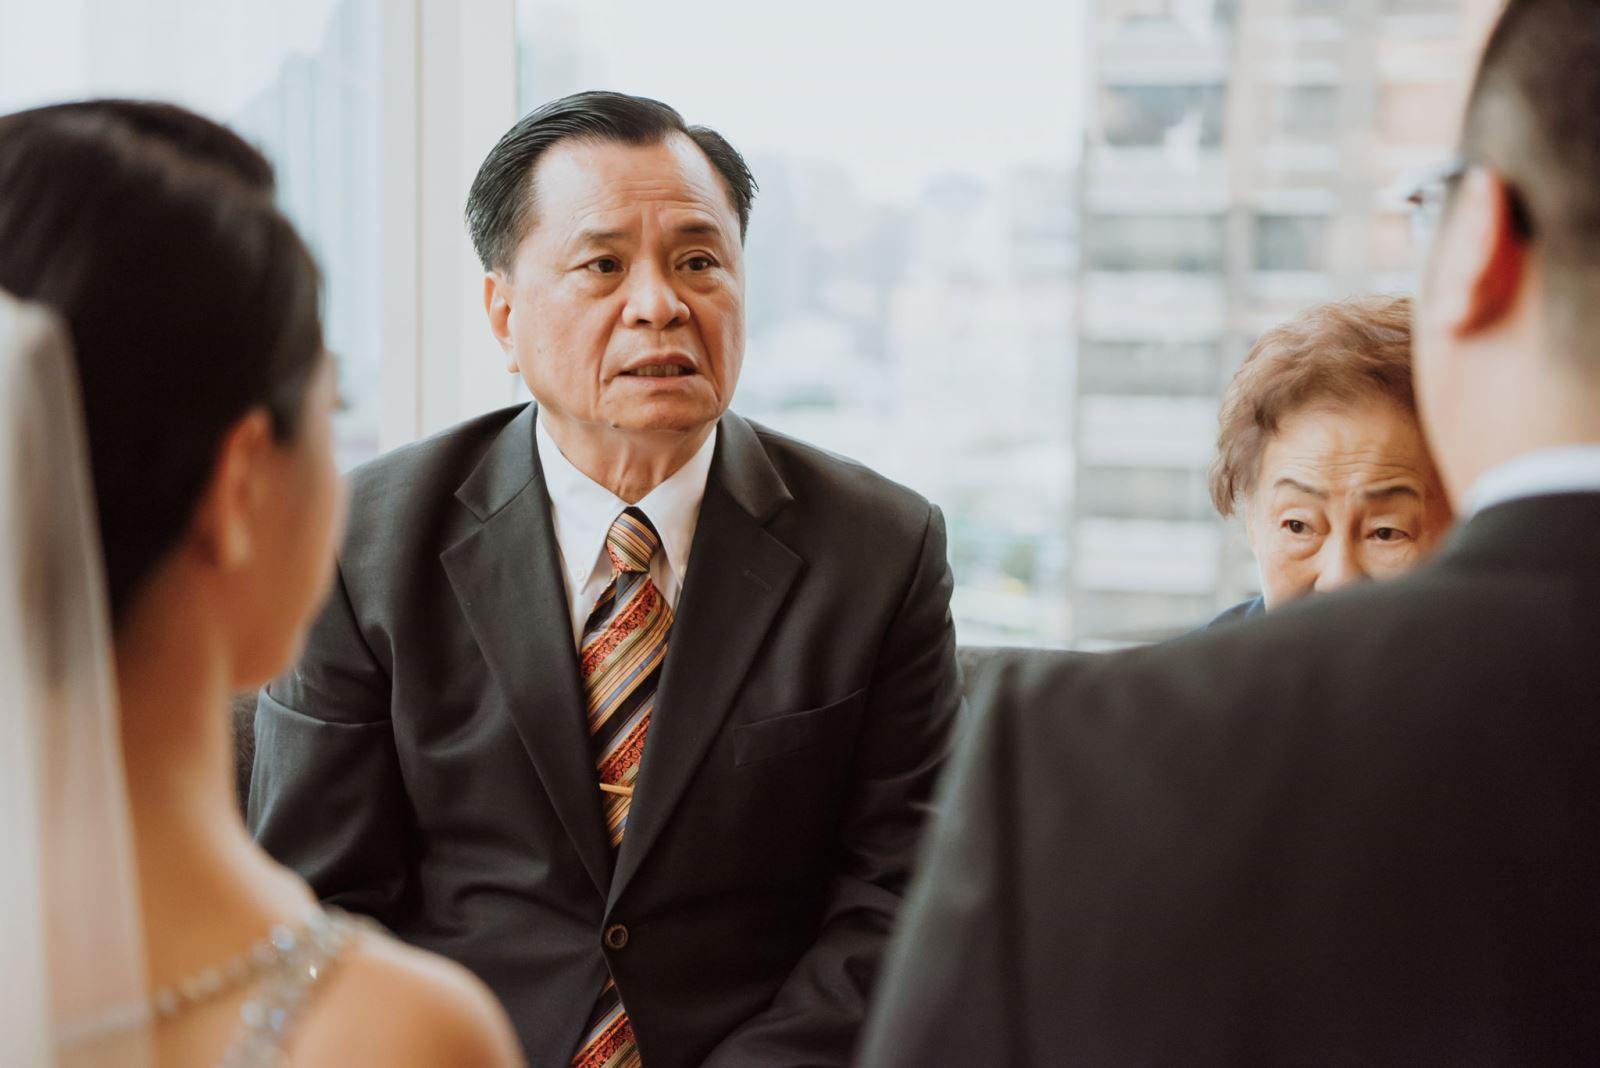 婚禮主持人主持引導,父親對於即將出嫁的女兒不捨與祝福叮嚀